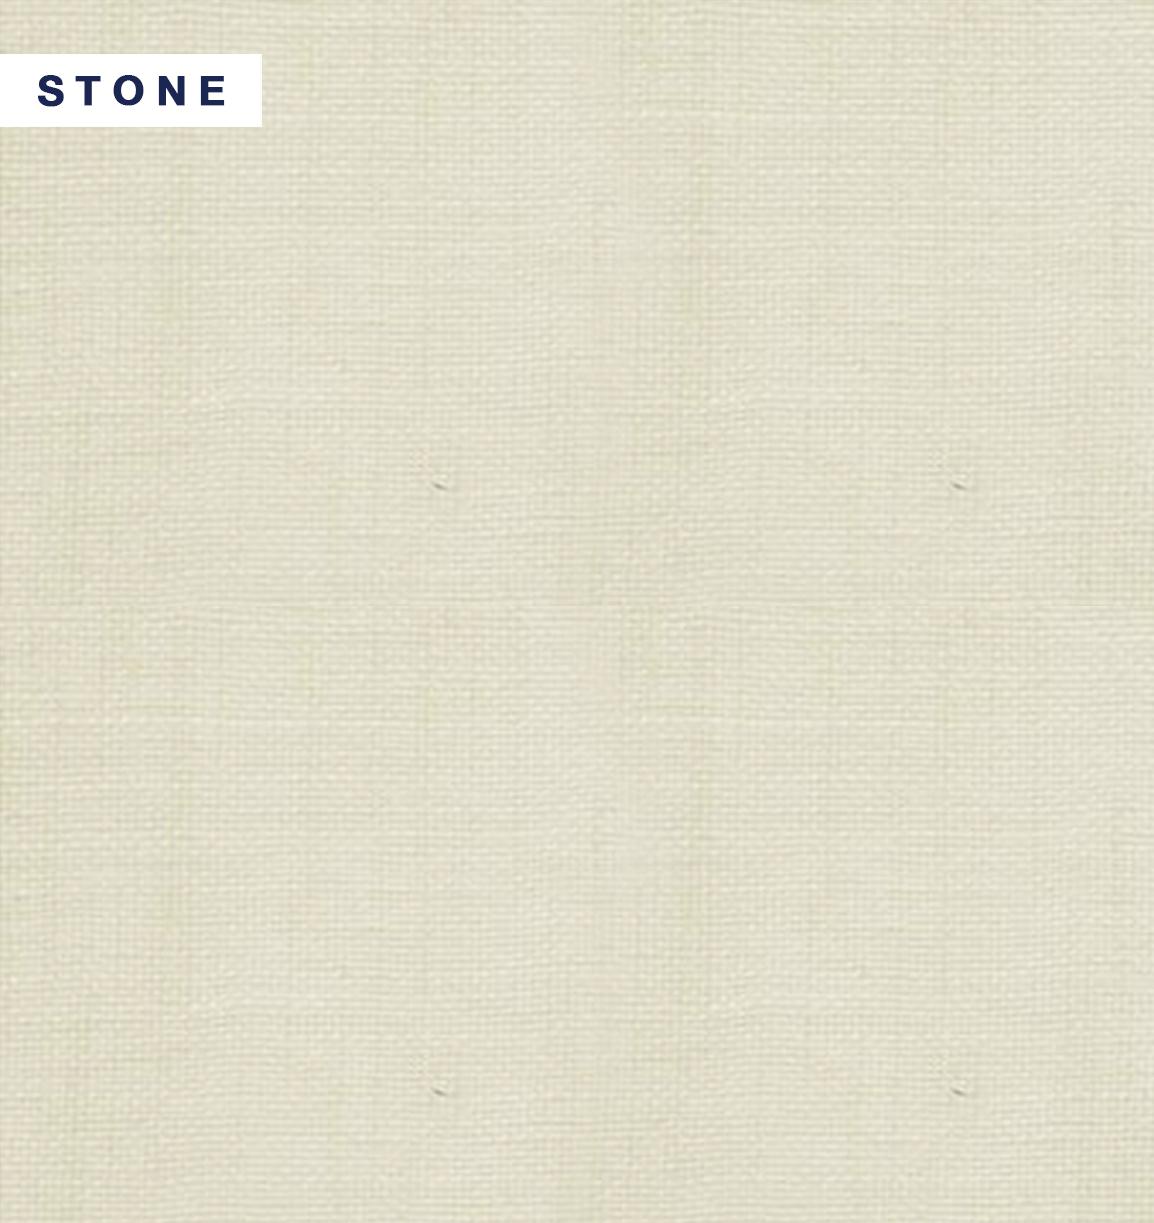 Husk - Stone.jpg